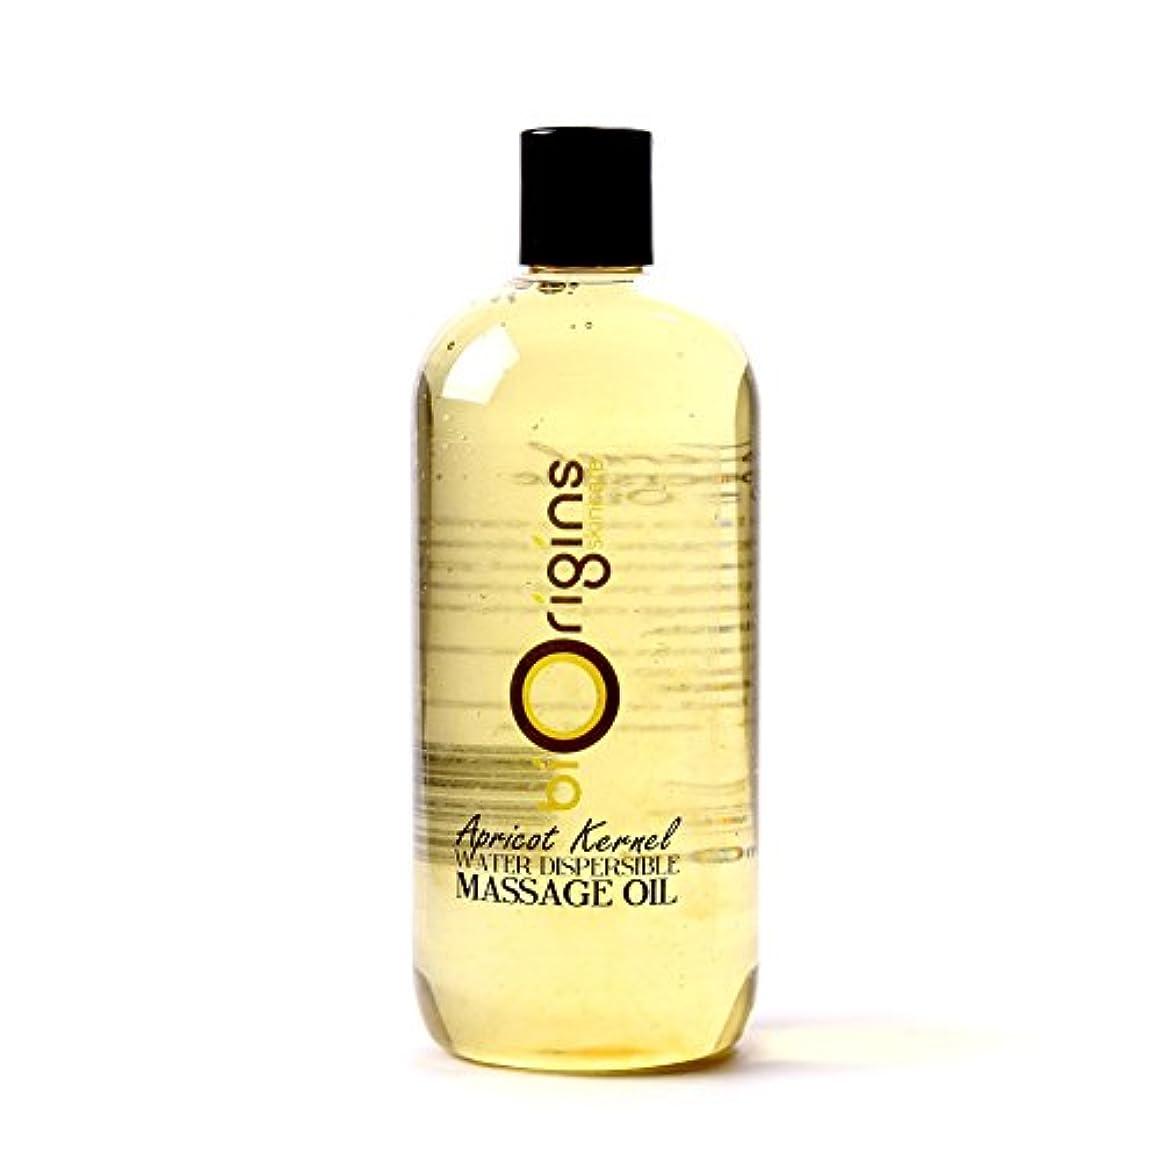 啓示終わらせる意図Apricot Kernel Water Dispersible Massage Oil - 500ml - 100% Pure